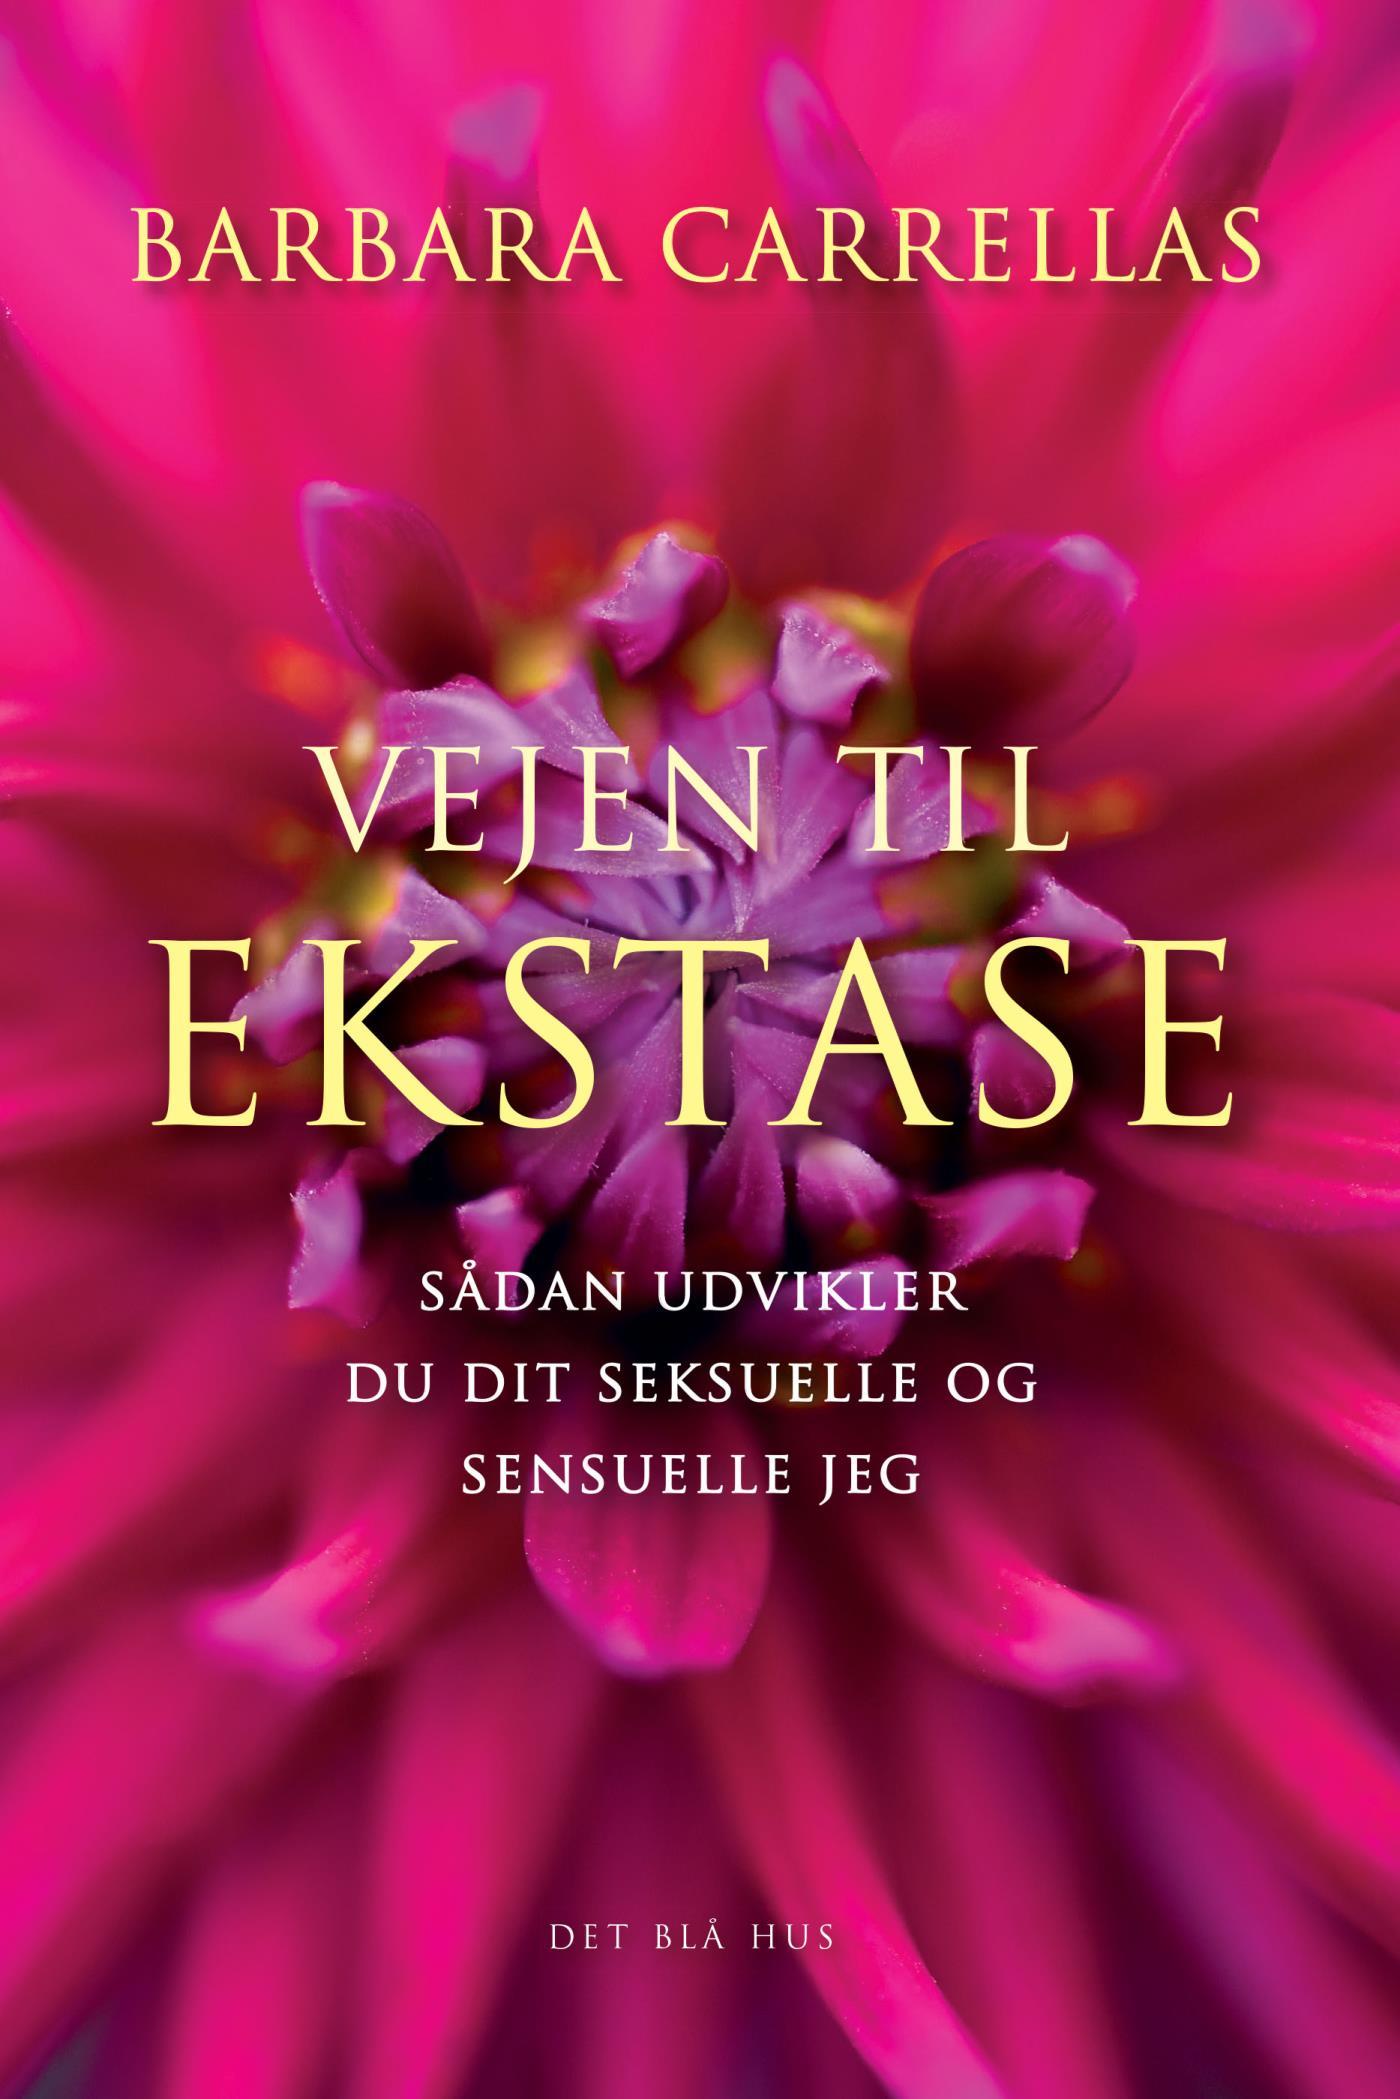 Vejen til ekstase - e-bog fra N/A fra bog & mystik